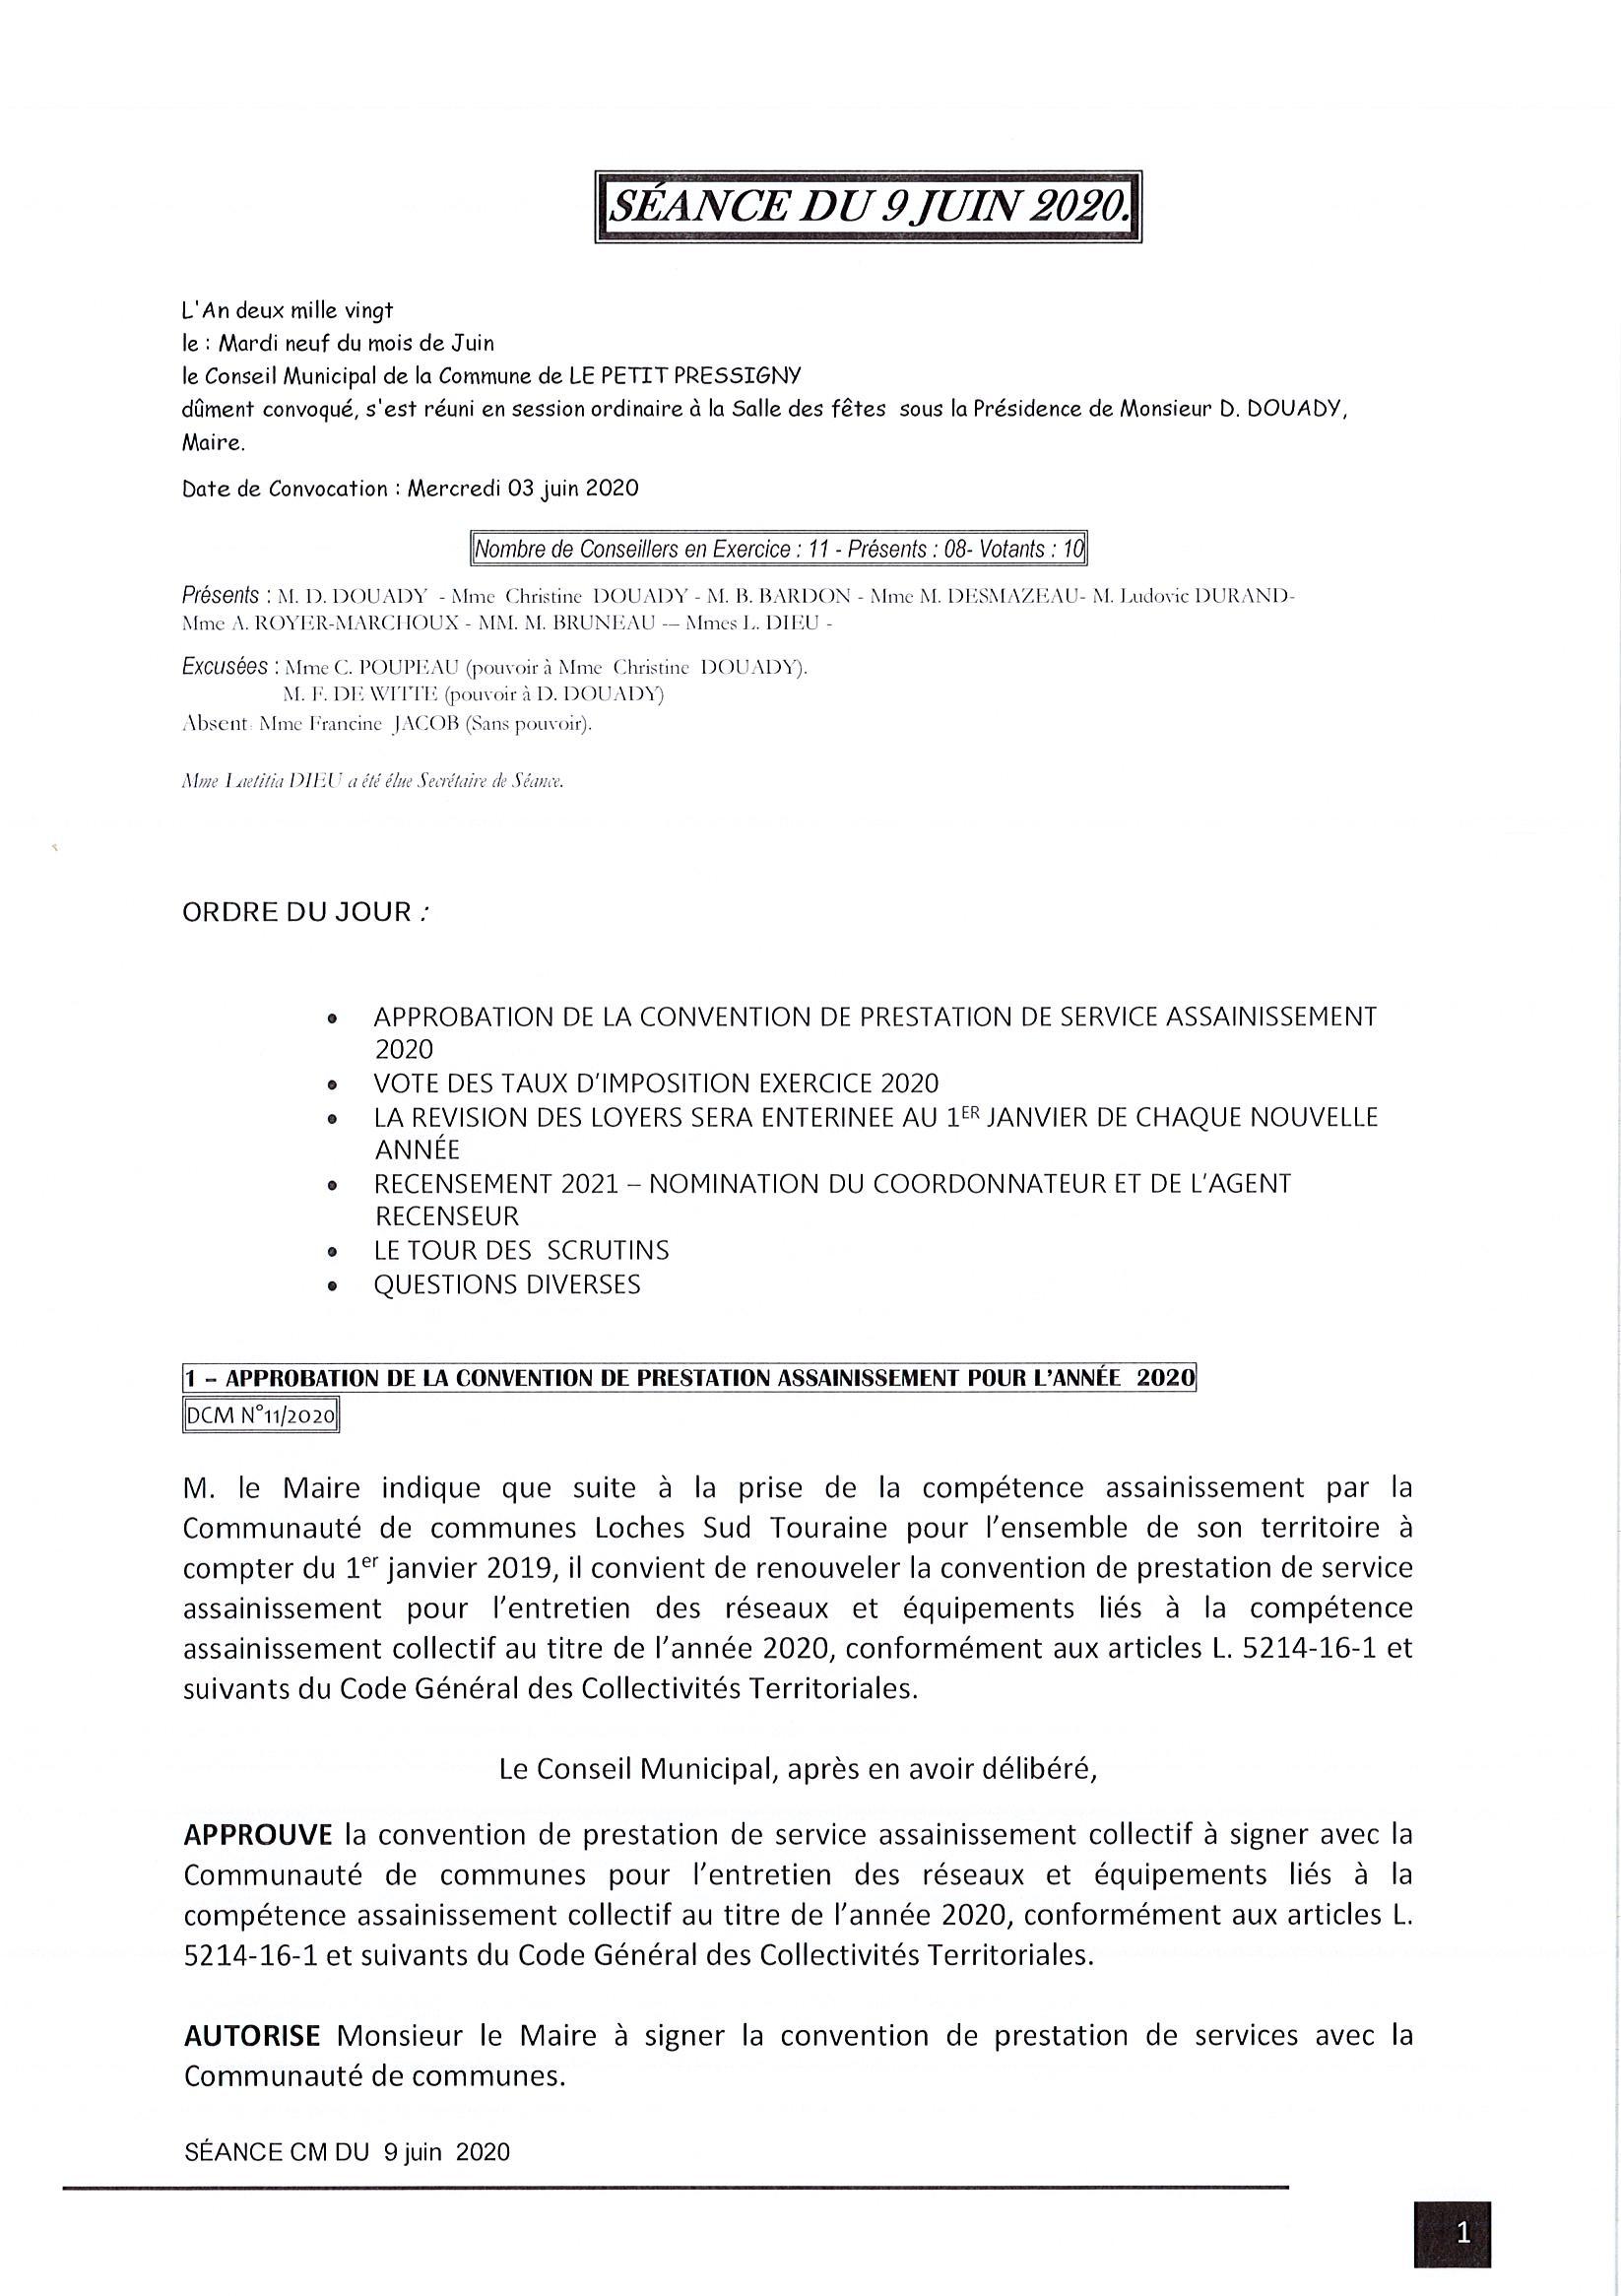 accueil/doc101120-10112020121830-0006.jpg